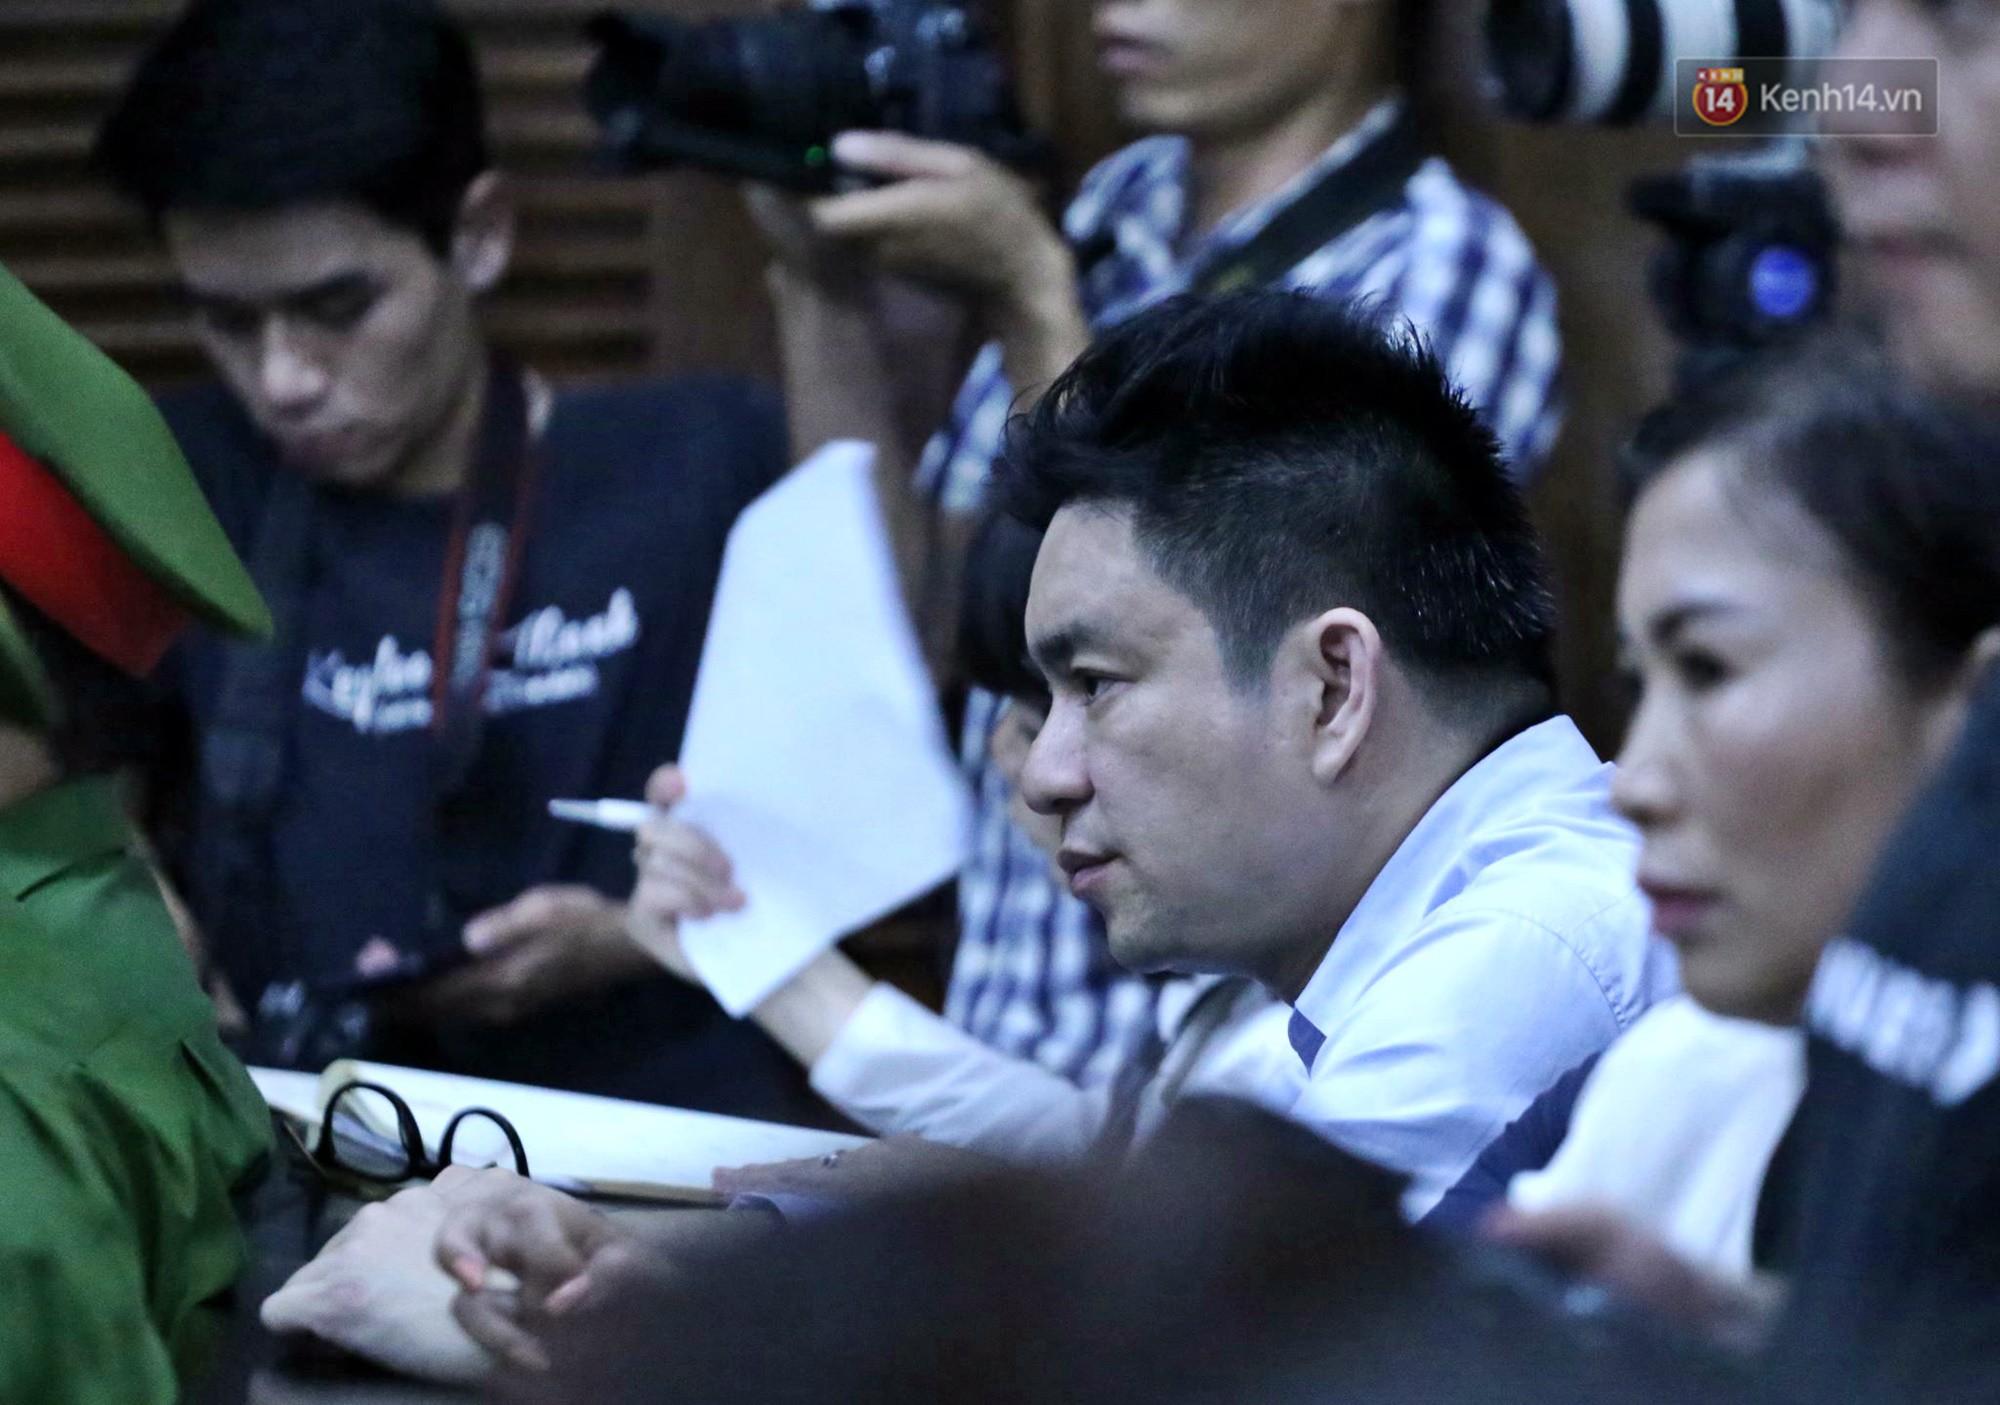 Ông Chiêm Quốc Thái nêu lý do kháng cáo dù đồng tình khi tòa tuyên án vợ cũ 18 tháng tù - Ảnh 1.